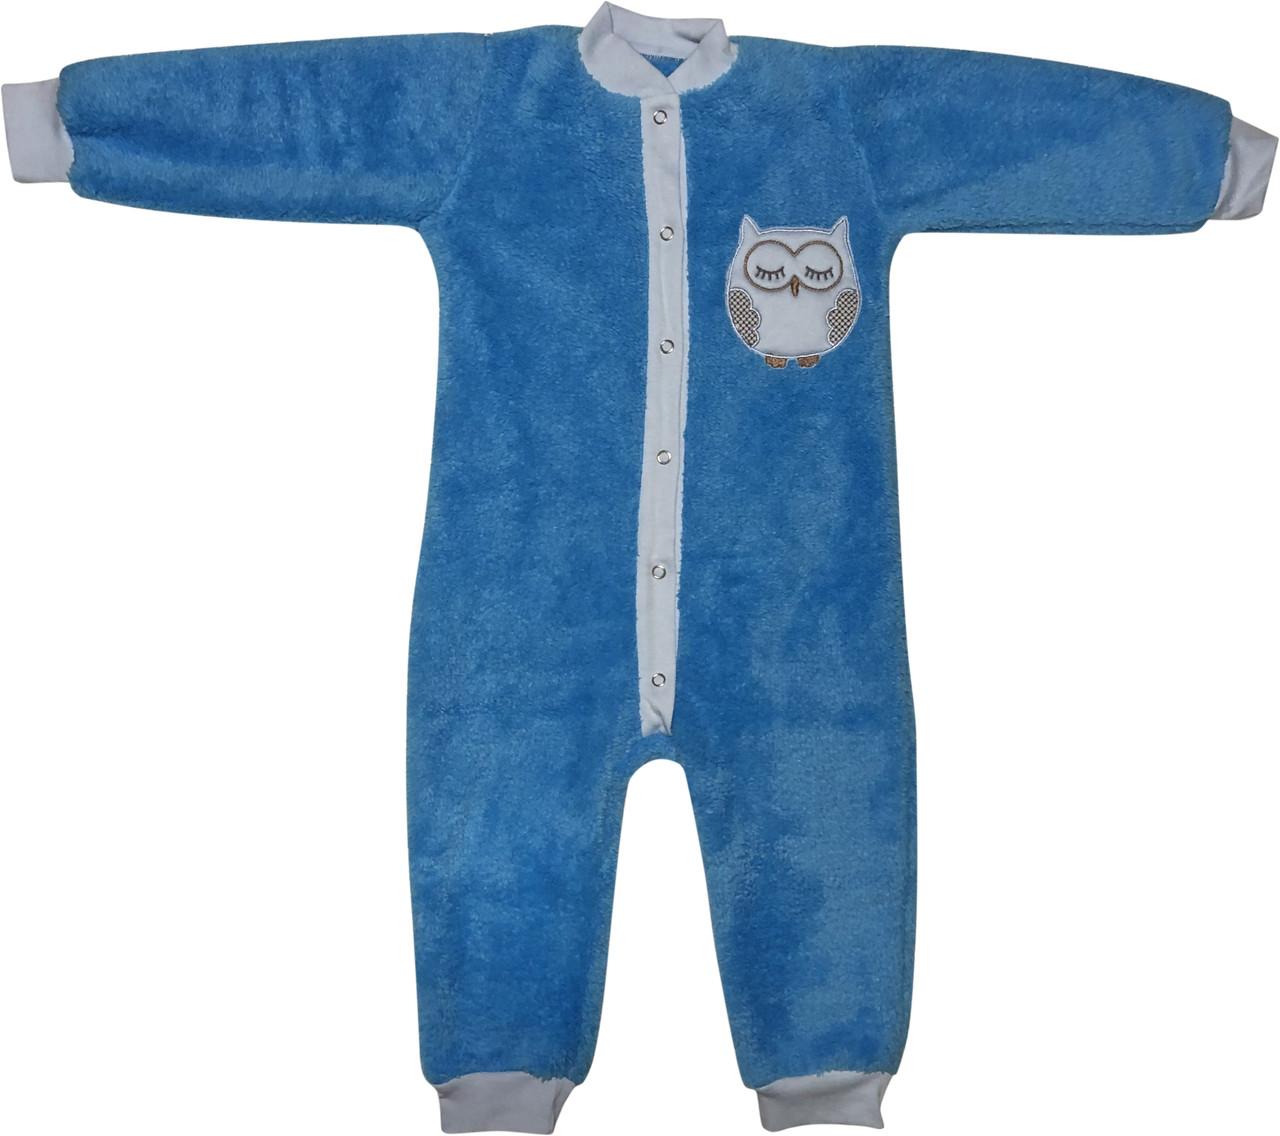 Тёплый человечек слип на мальчика рост 86 1-1,5 года для малышей махровый детский с отрытыми ножками голубой